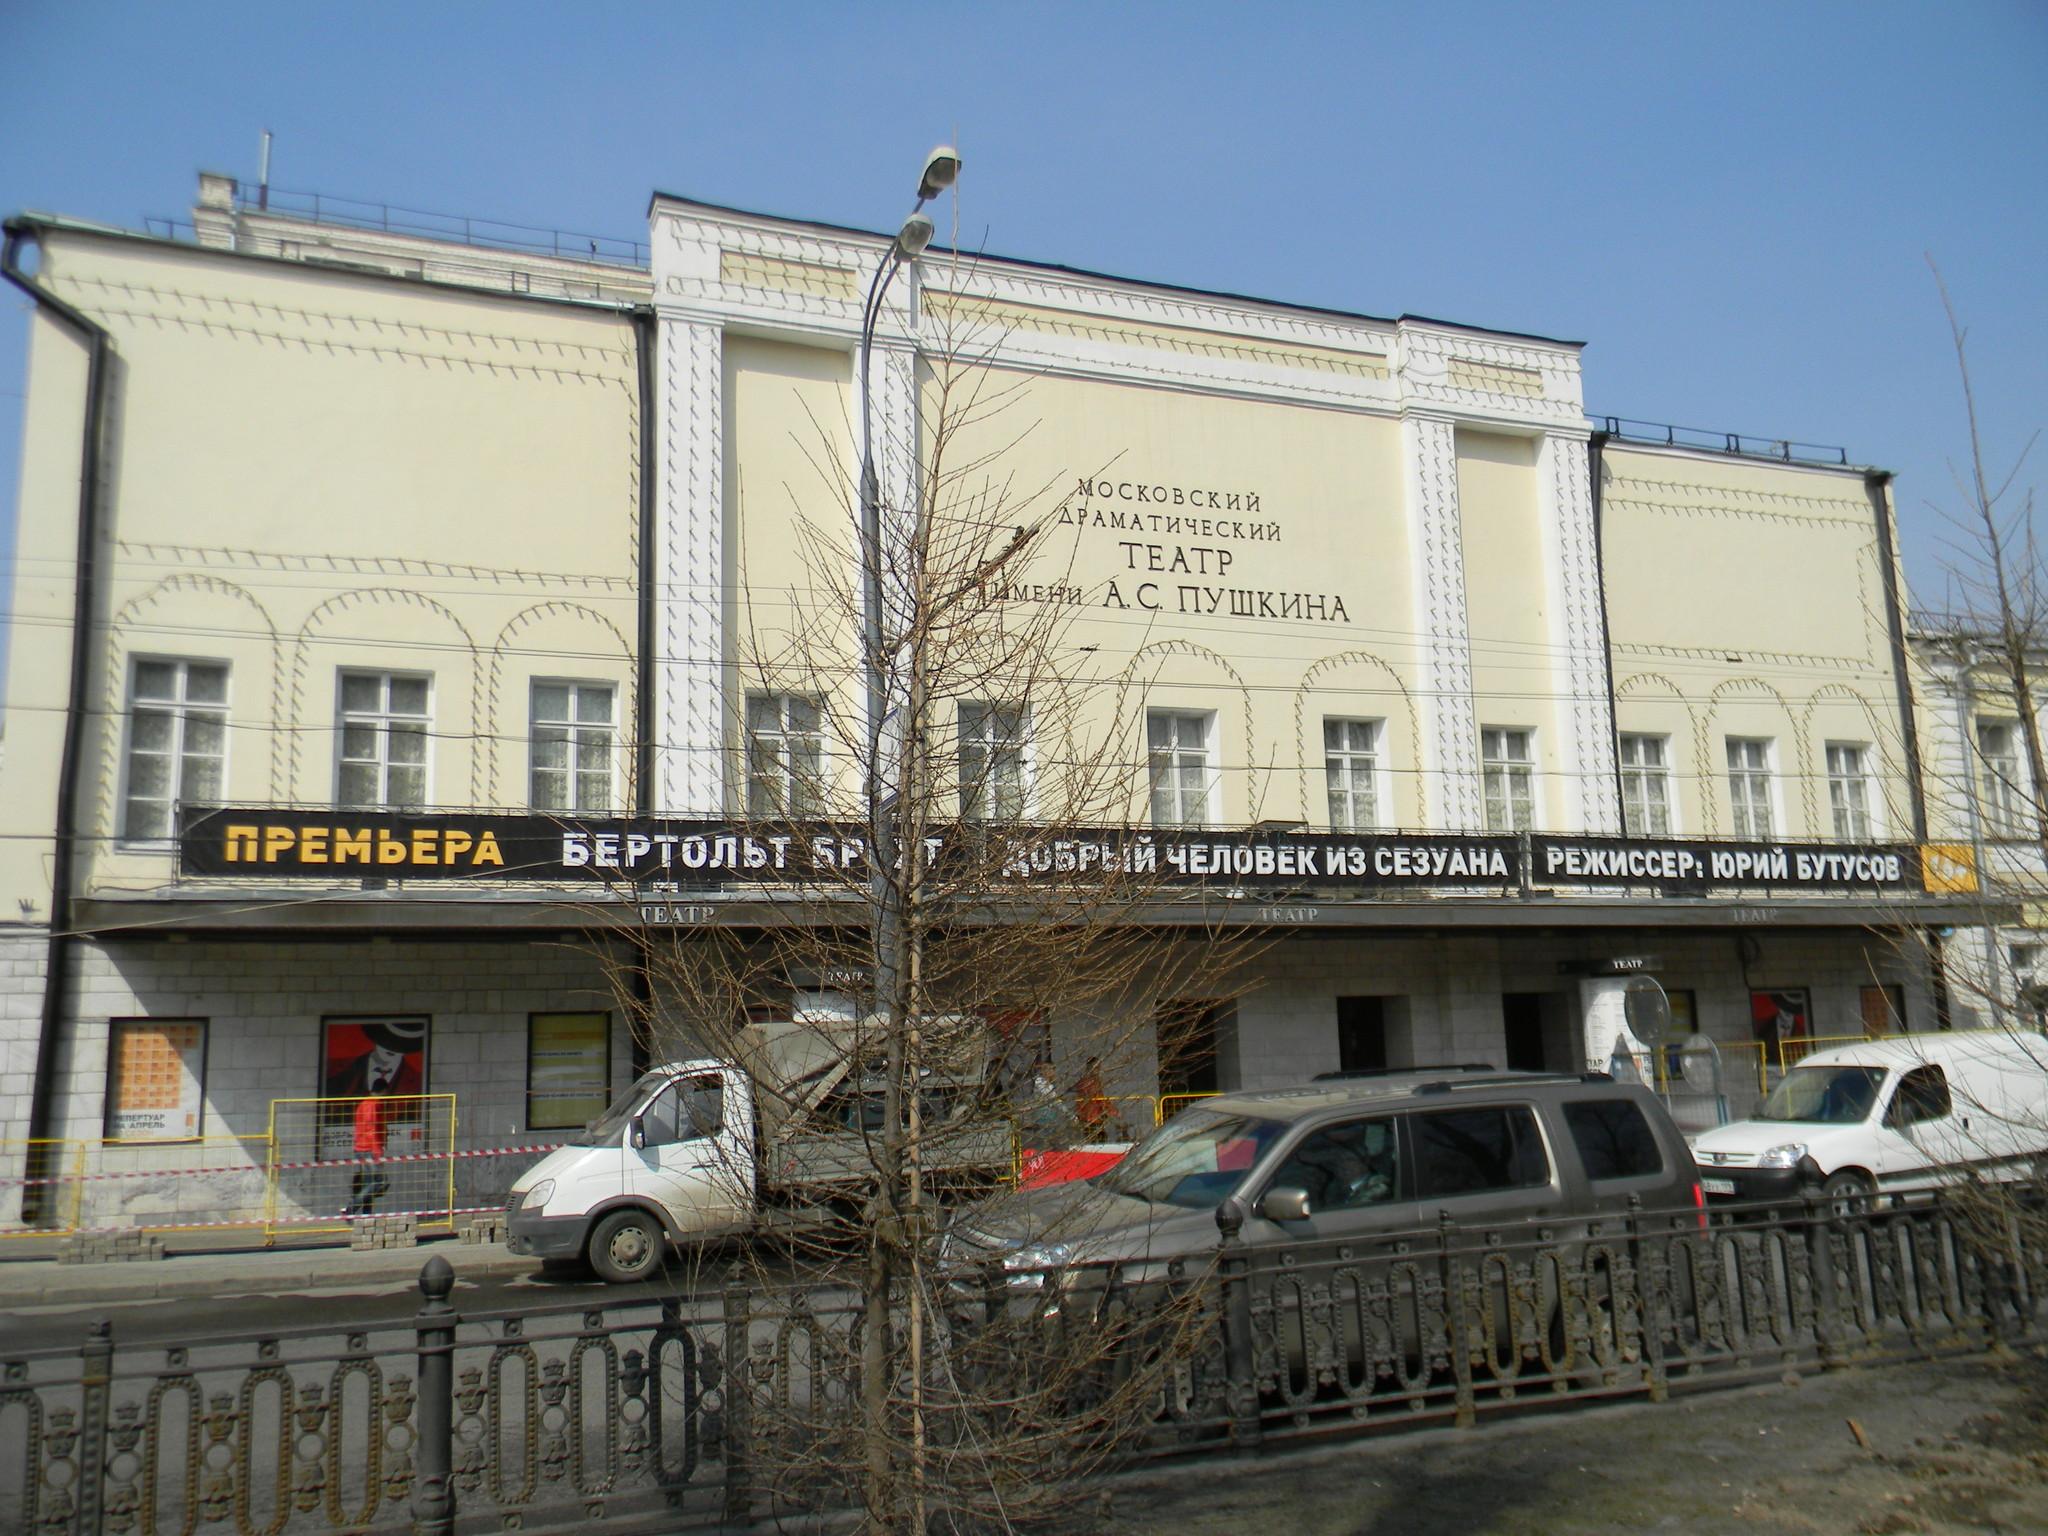 Московский драматический театр имени А.С. Пушкина